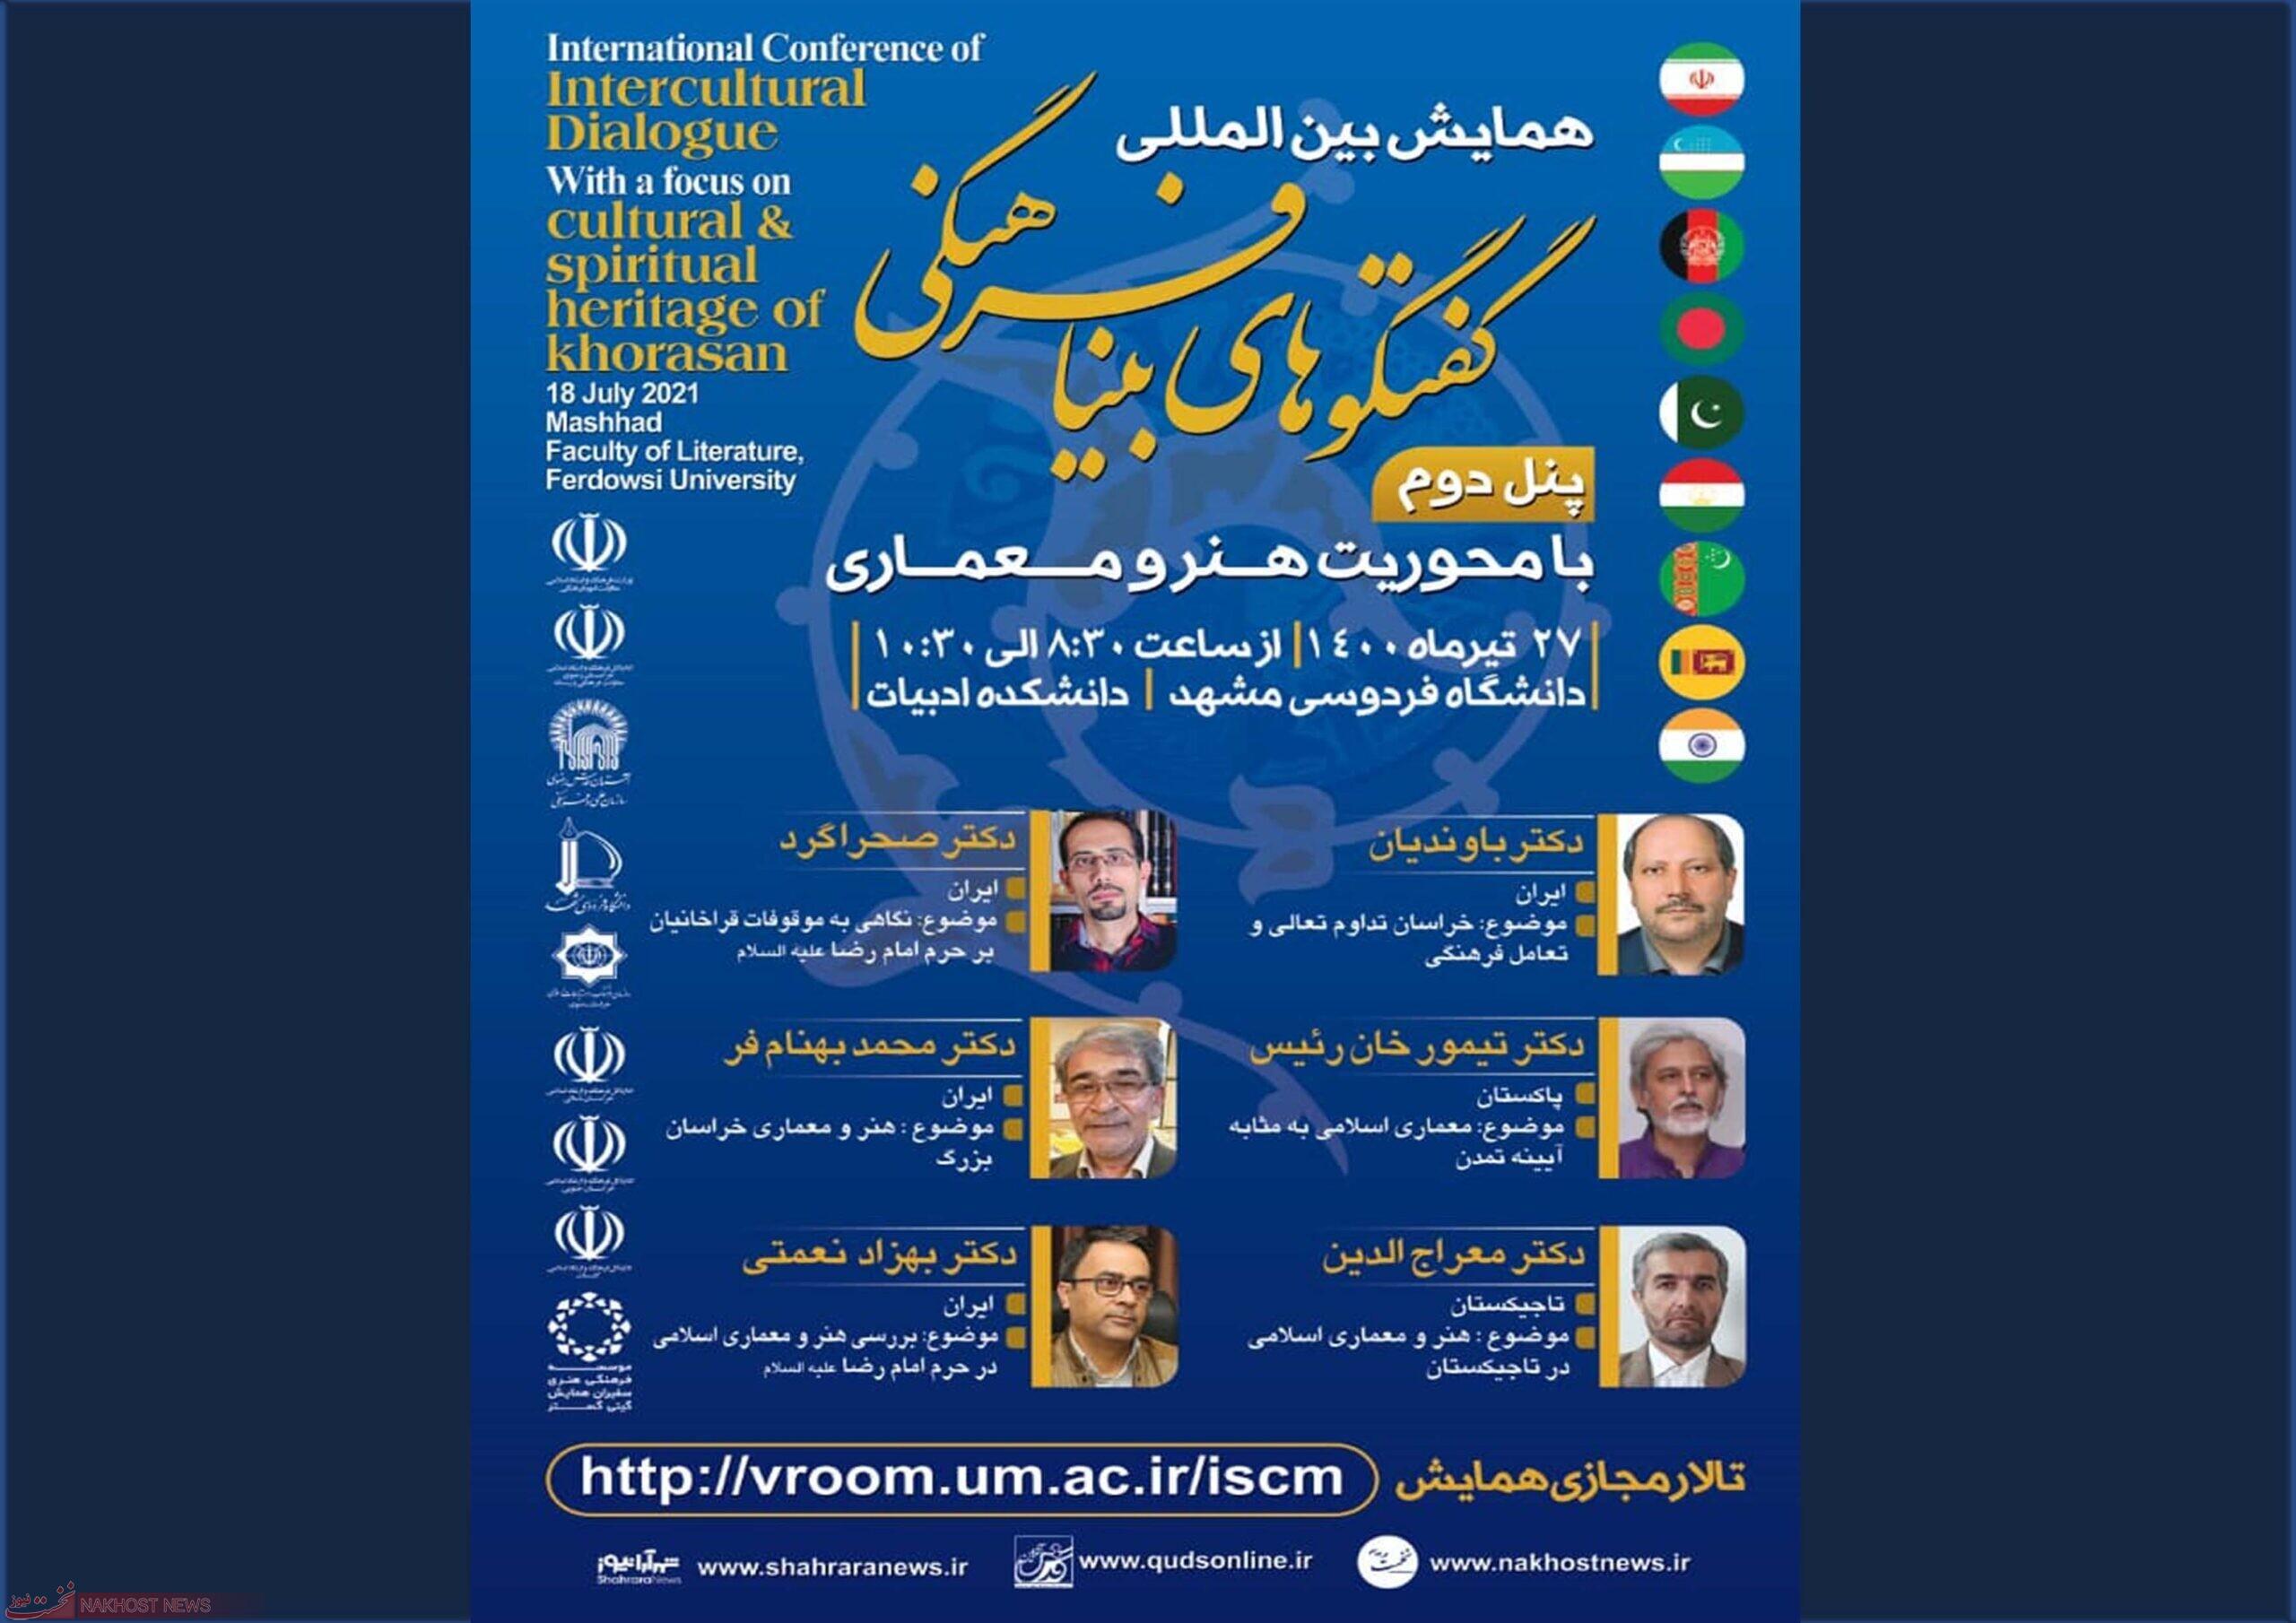 گزارش نخستین روز همایش بین المللی گفتگوهای بینا فرهنگی خراسان